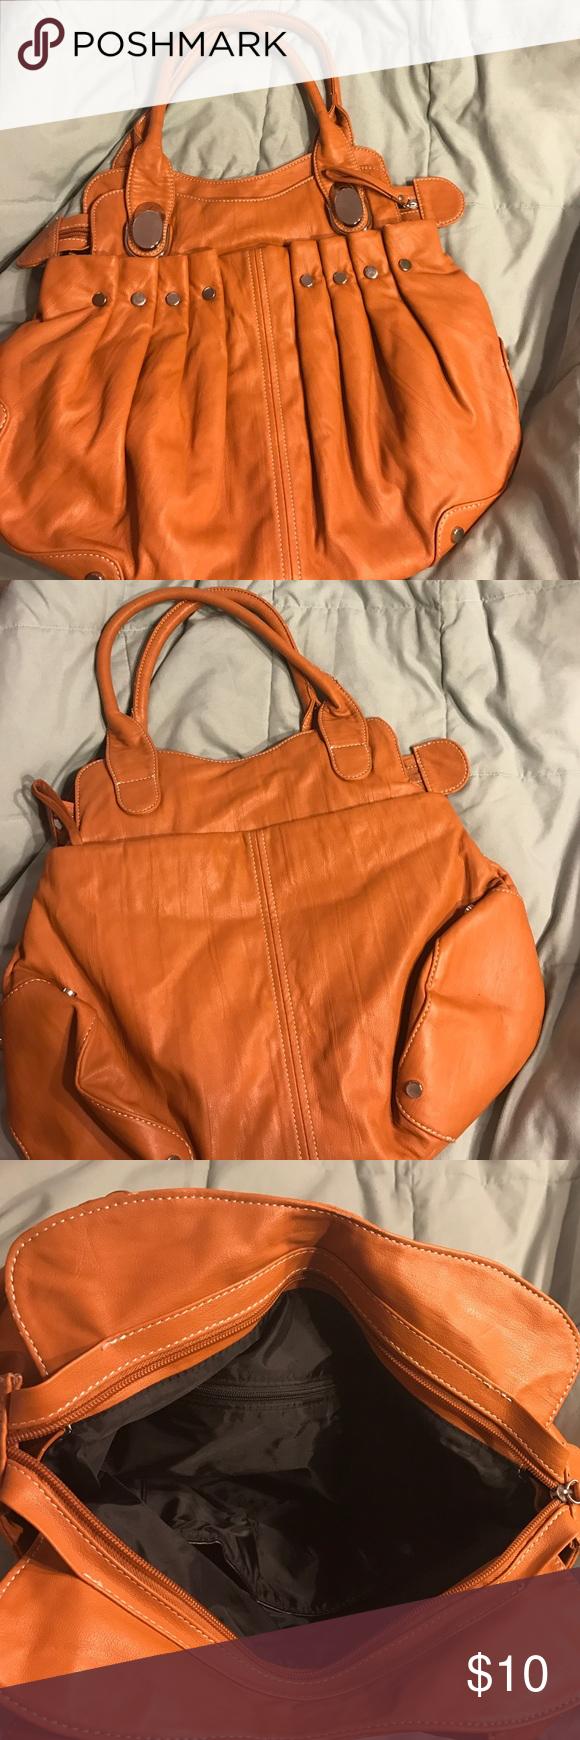 Bag Nice bag Bags